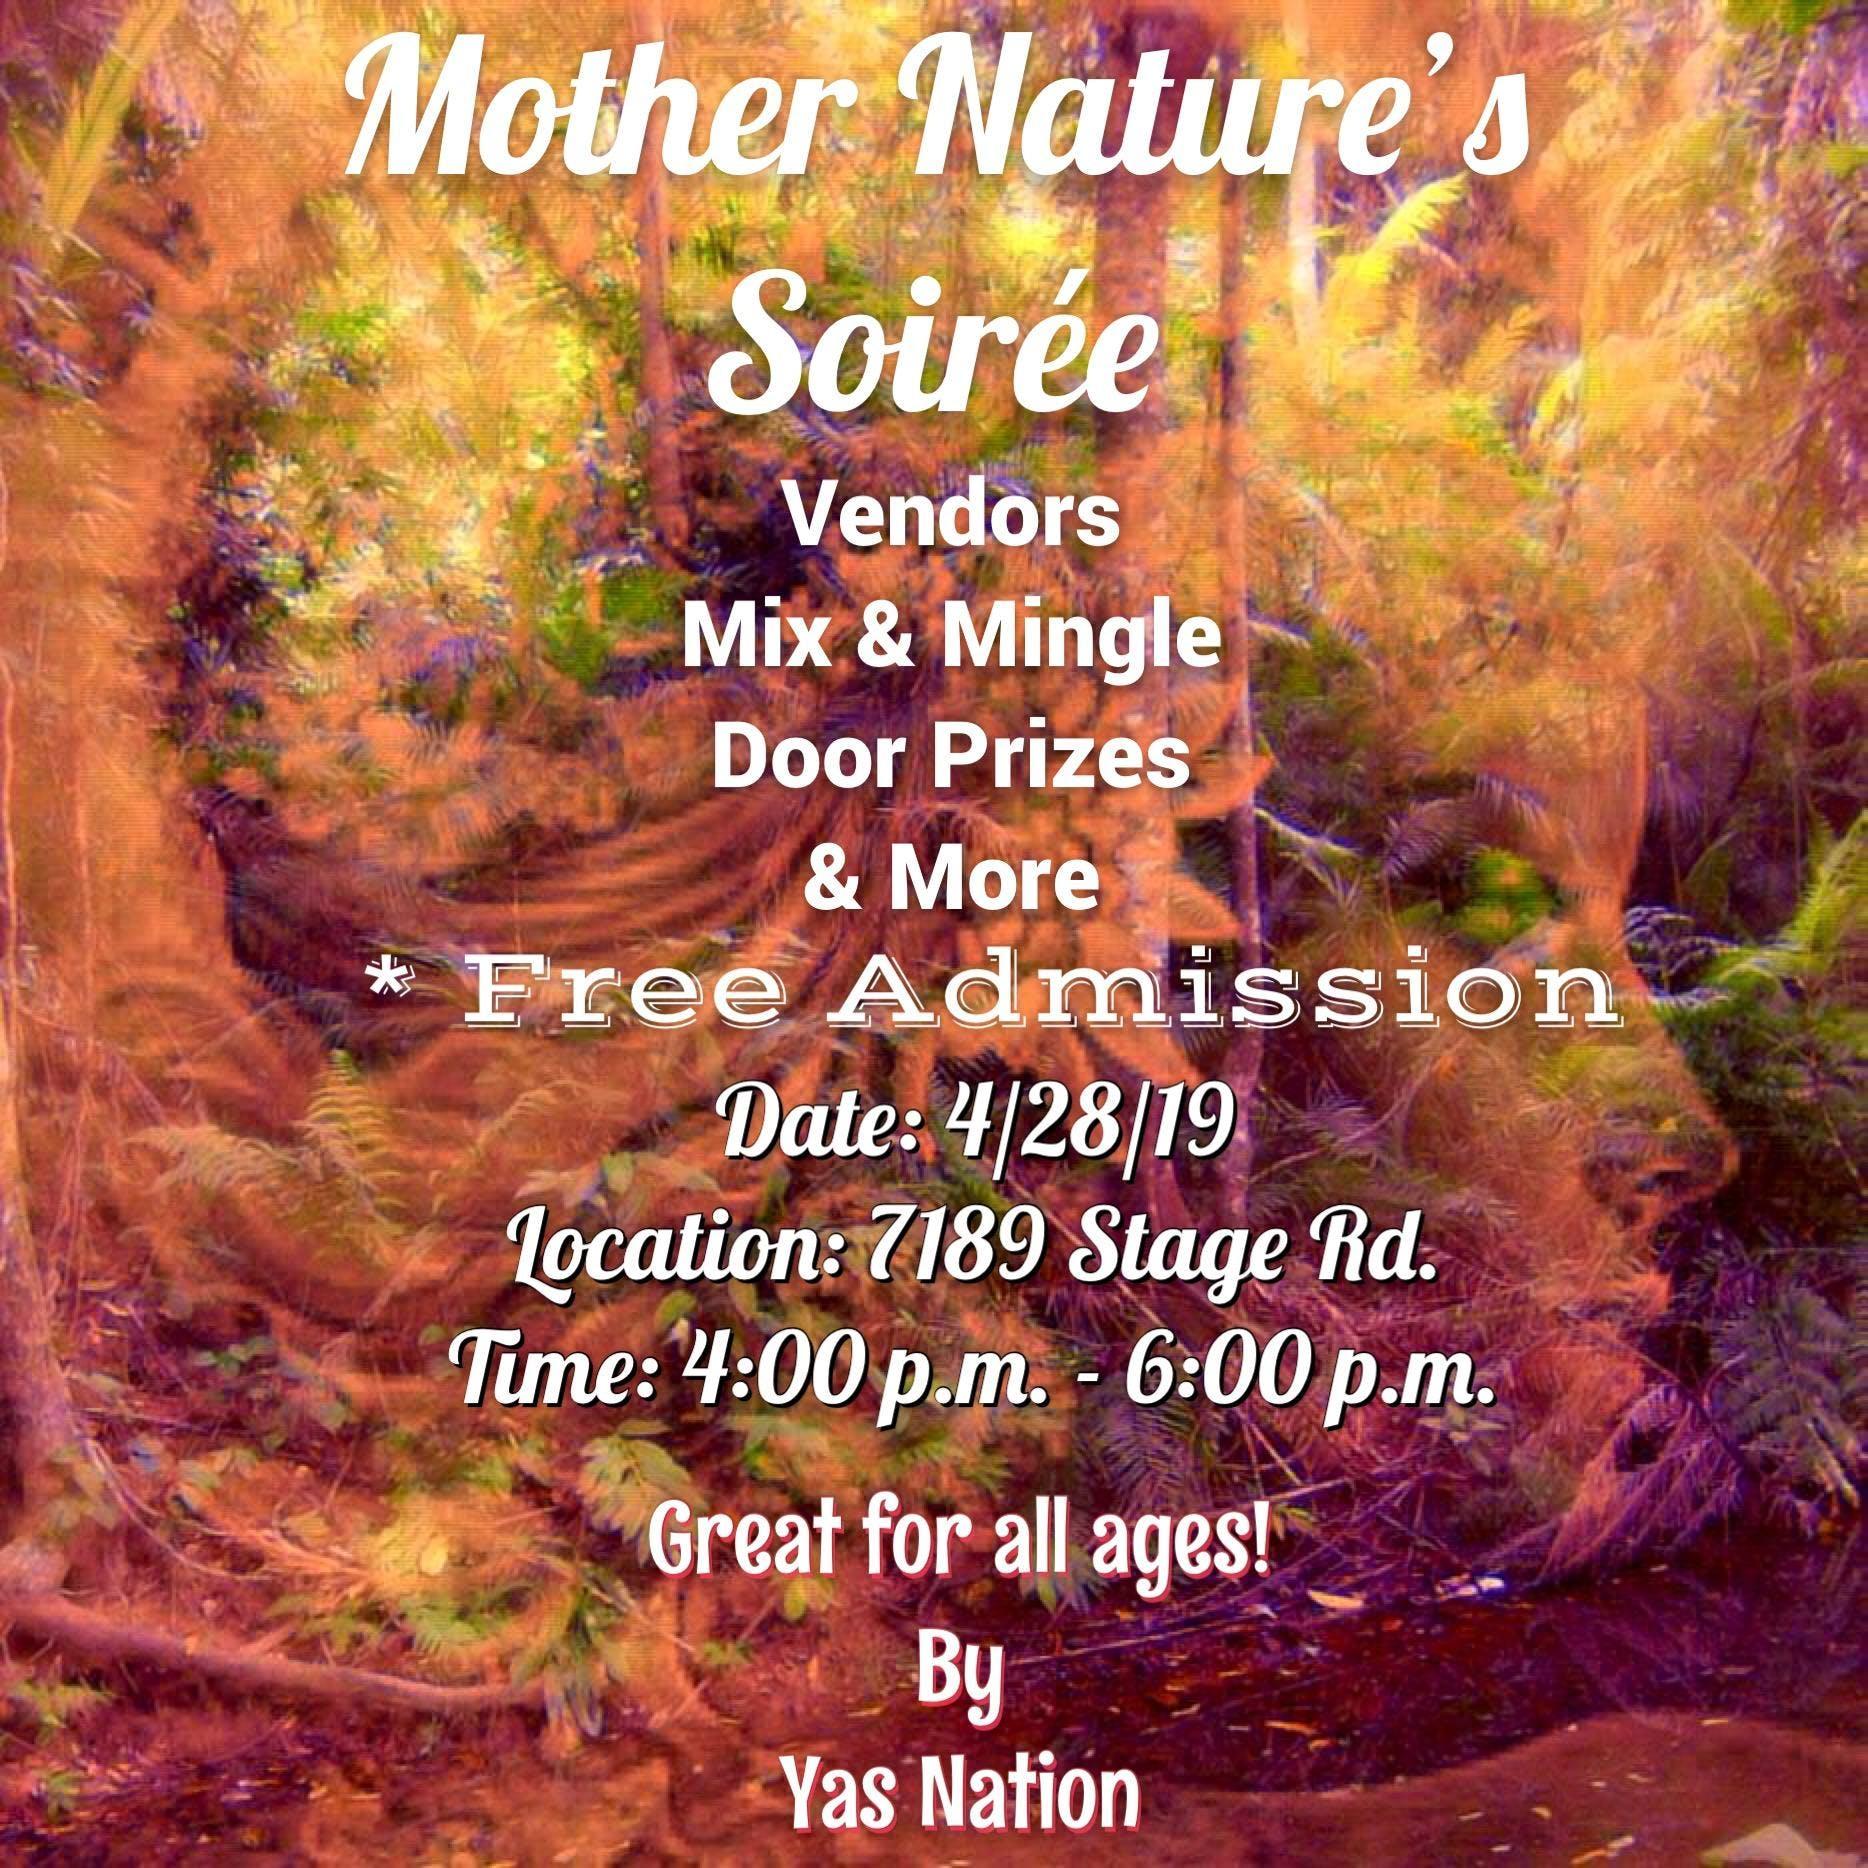 Mother Nature's Soirée